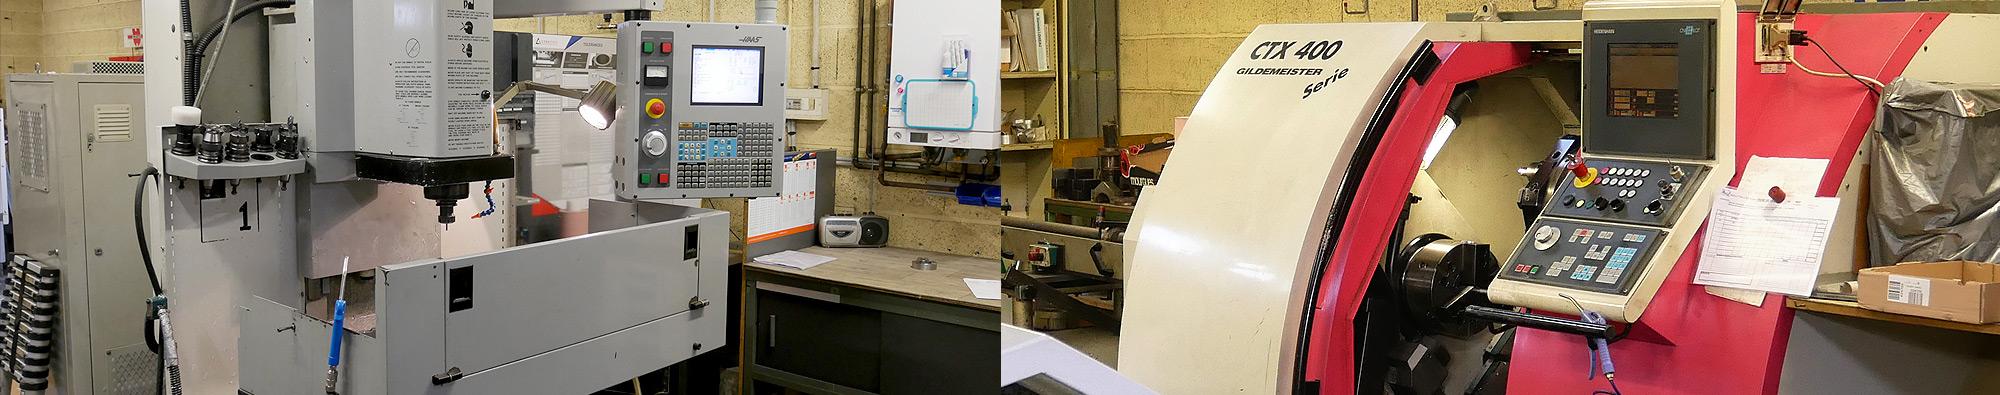 Etude et fabrication de pièces mécaniques de précision, machines spéciales, bâtis mécano-soudés